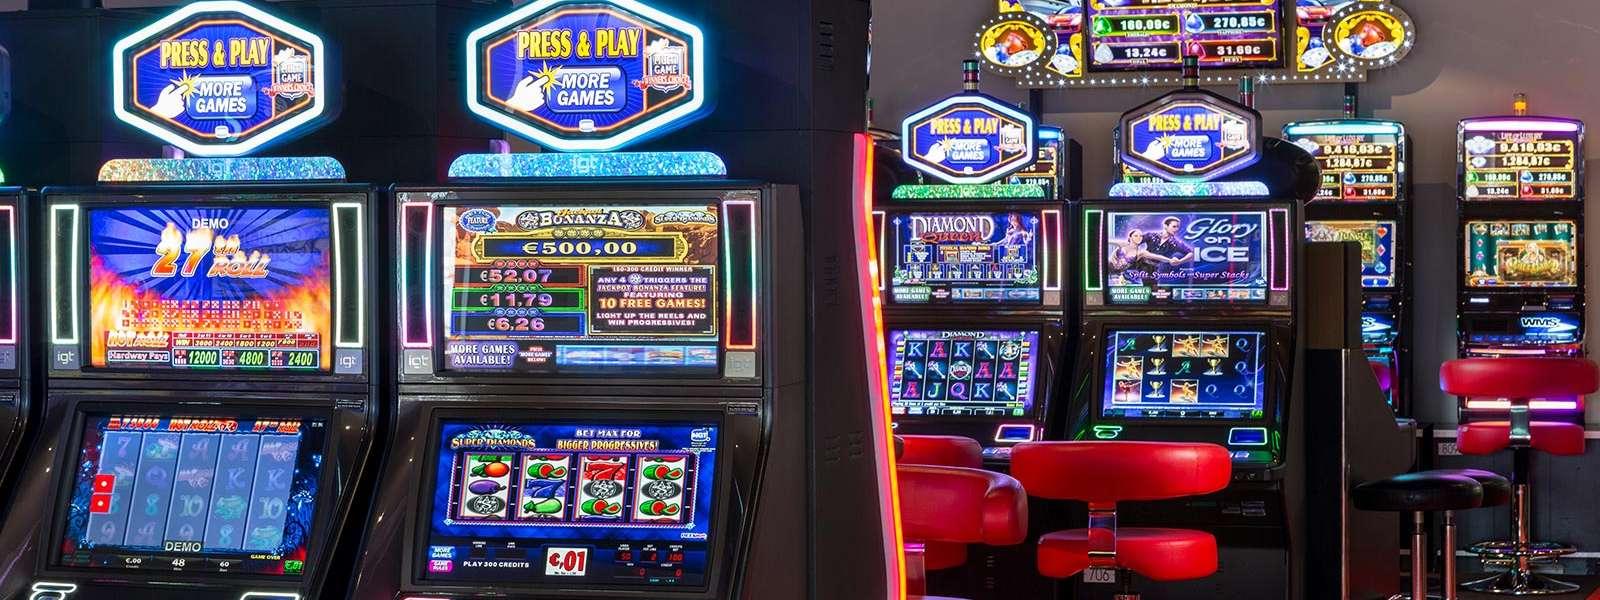 Casino Barrière, machines à sous, Niederbronn-les-Bains, Alsace